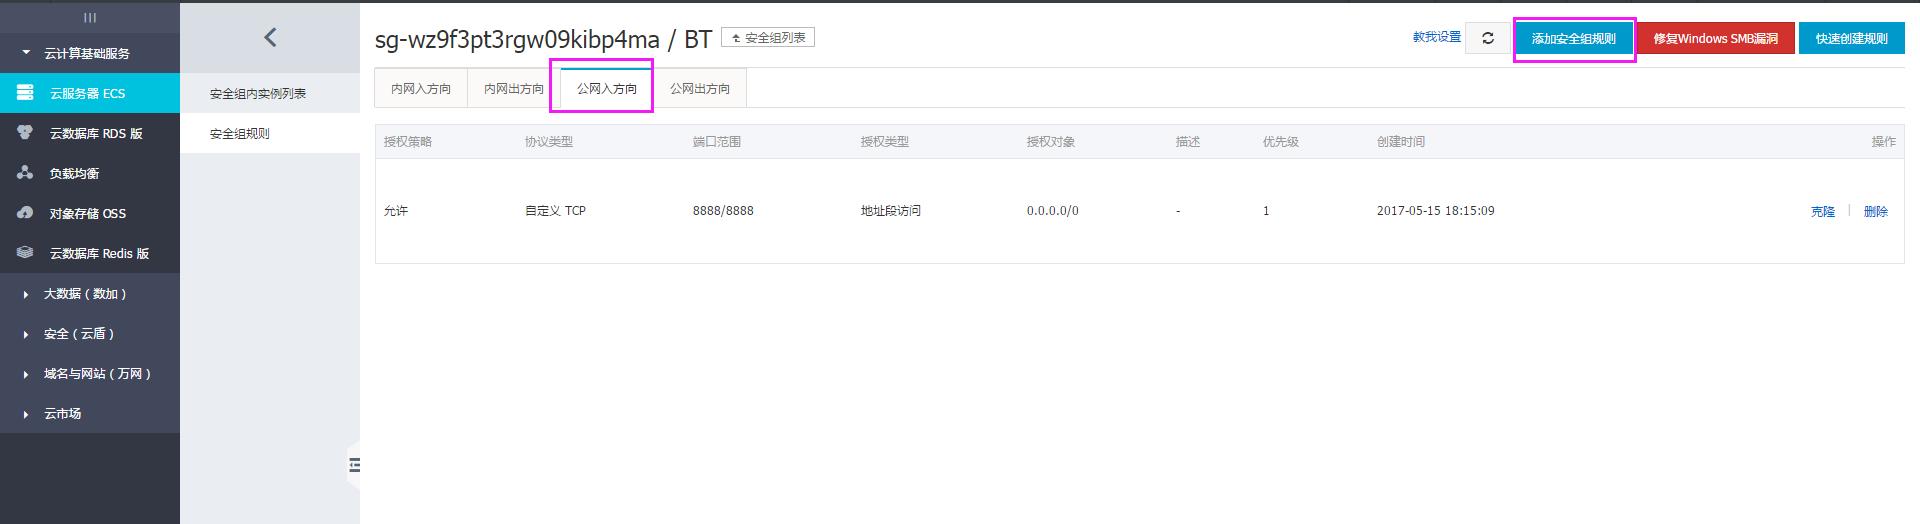 阿里云服务器ECS无法打开宝塔面板【解决办法】插图(1)